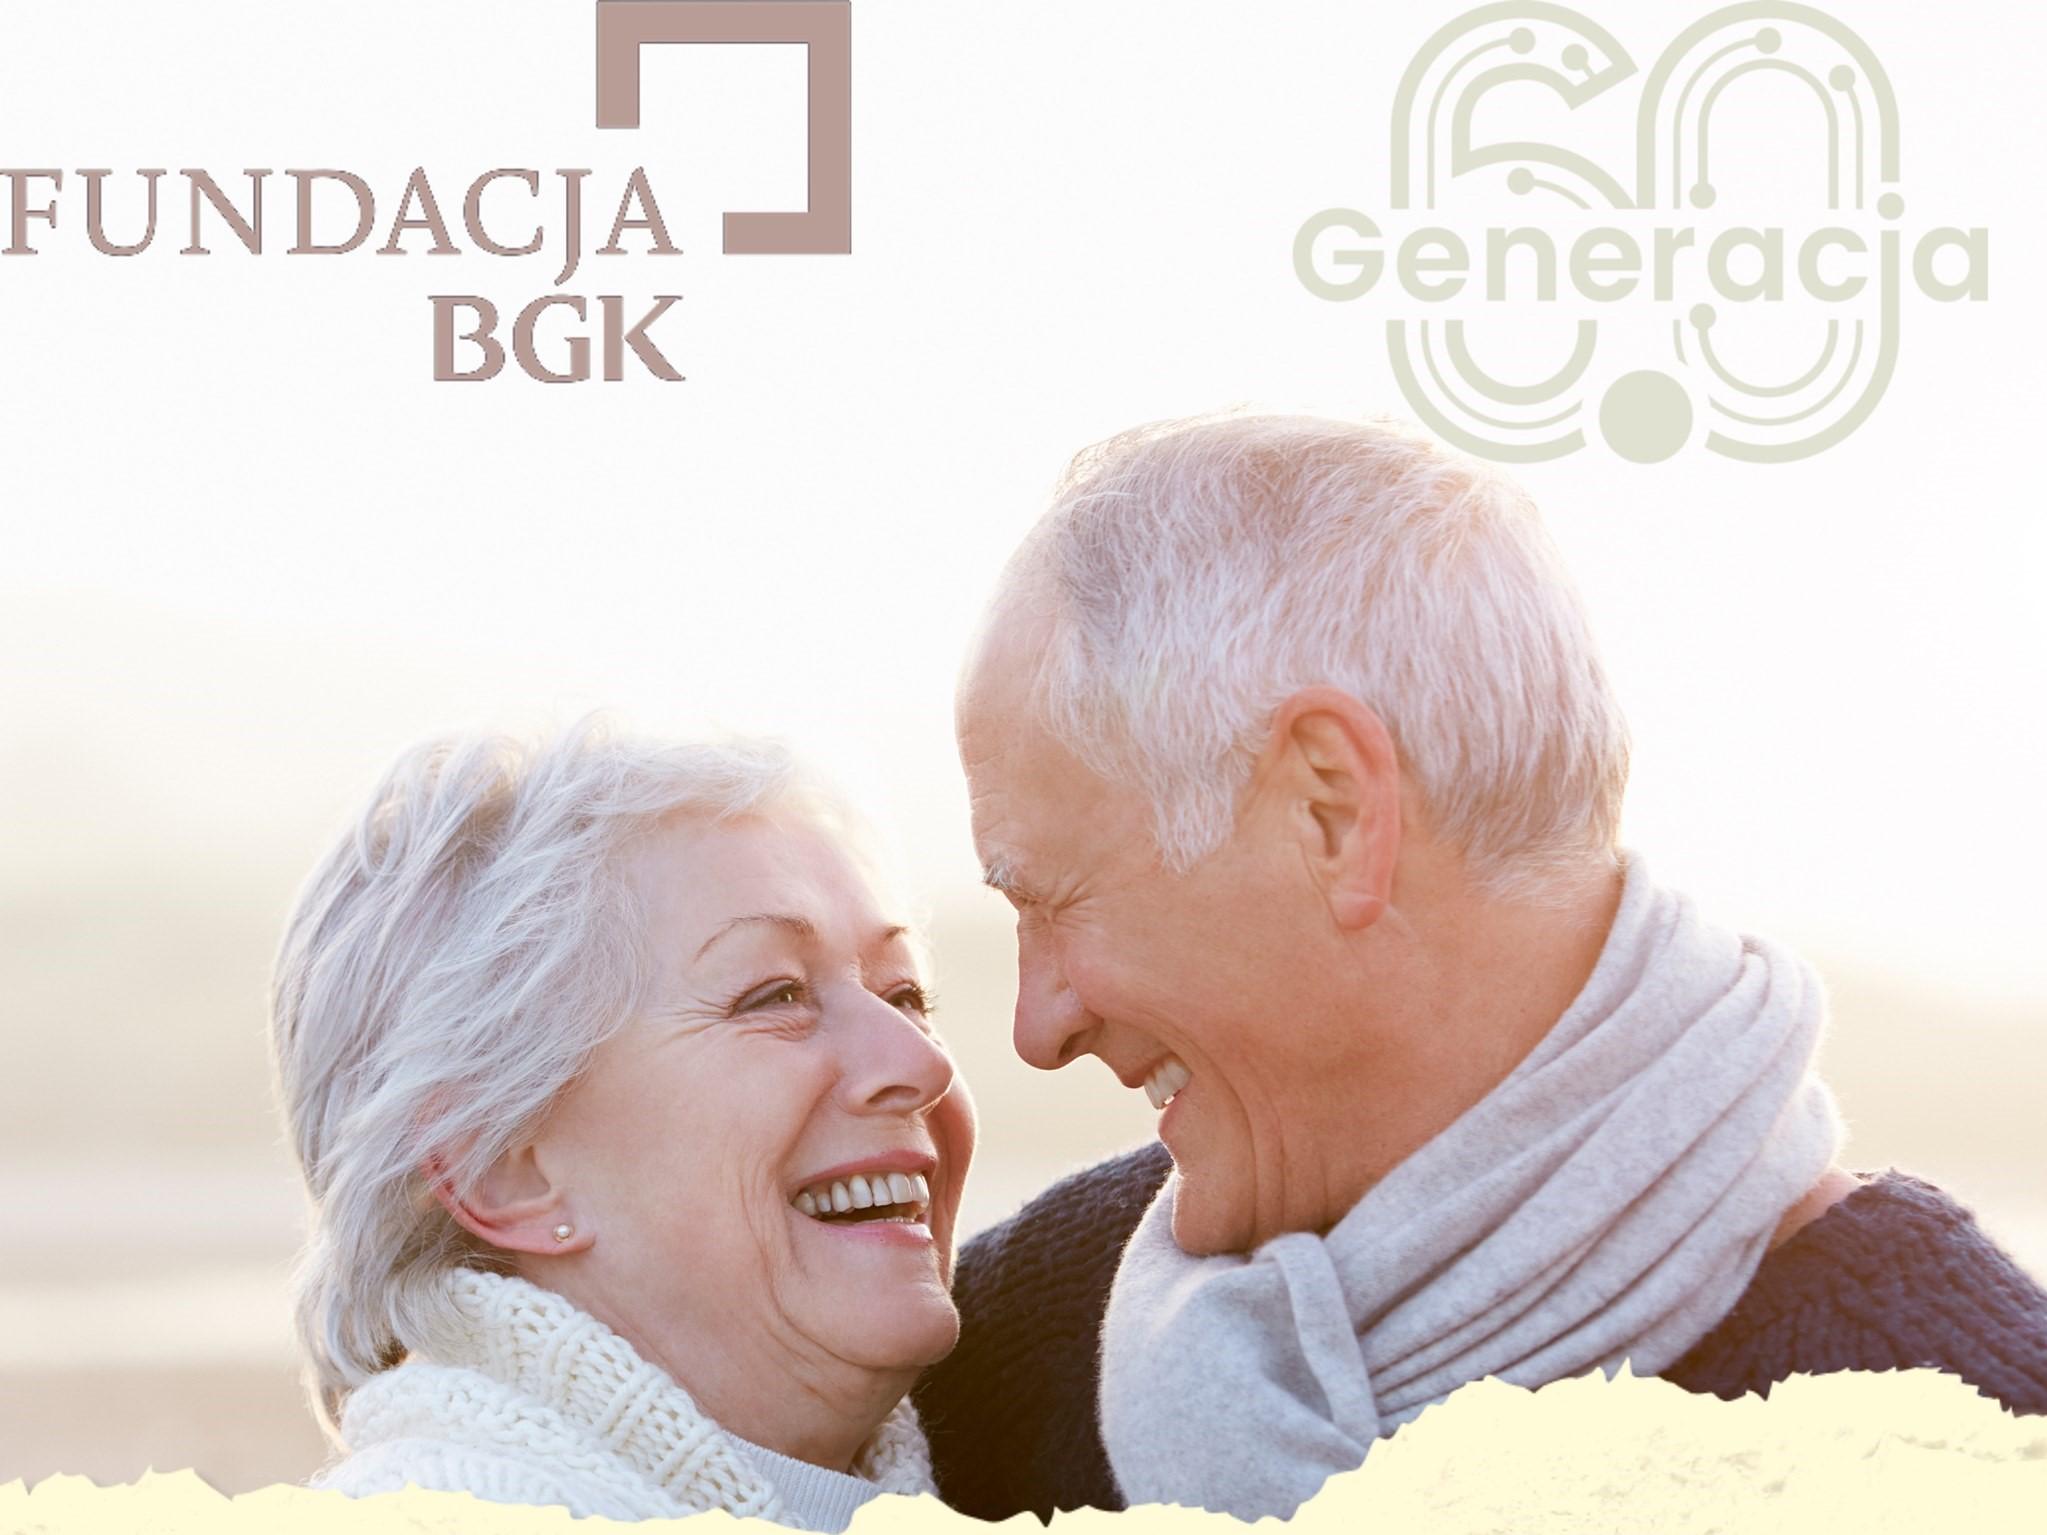 Grafika przedstawia kobietę i mężczyznę. Nad nimi znajdują się loga Fundacji BGK i Generacji 6.0.